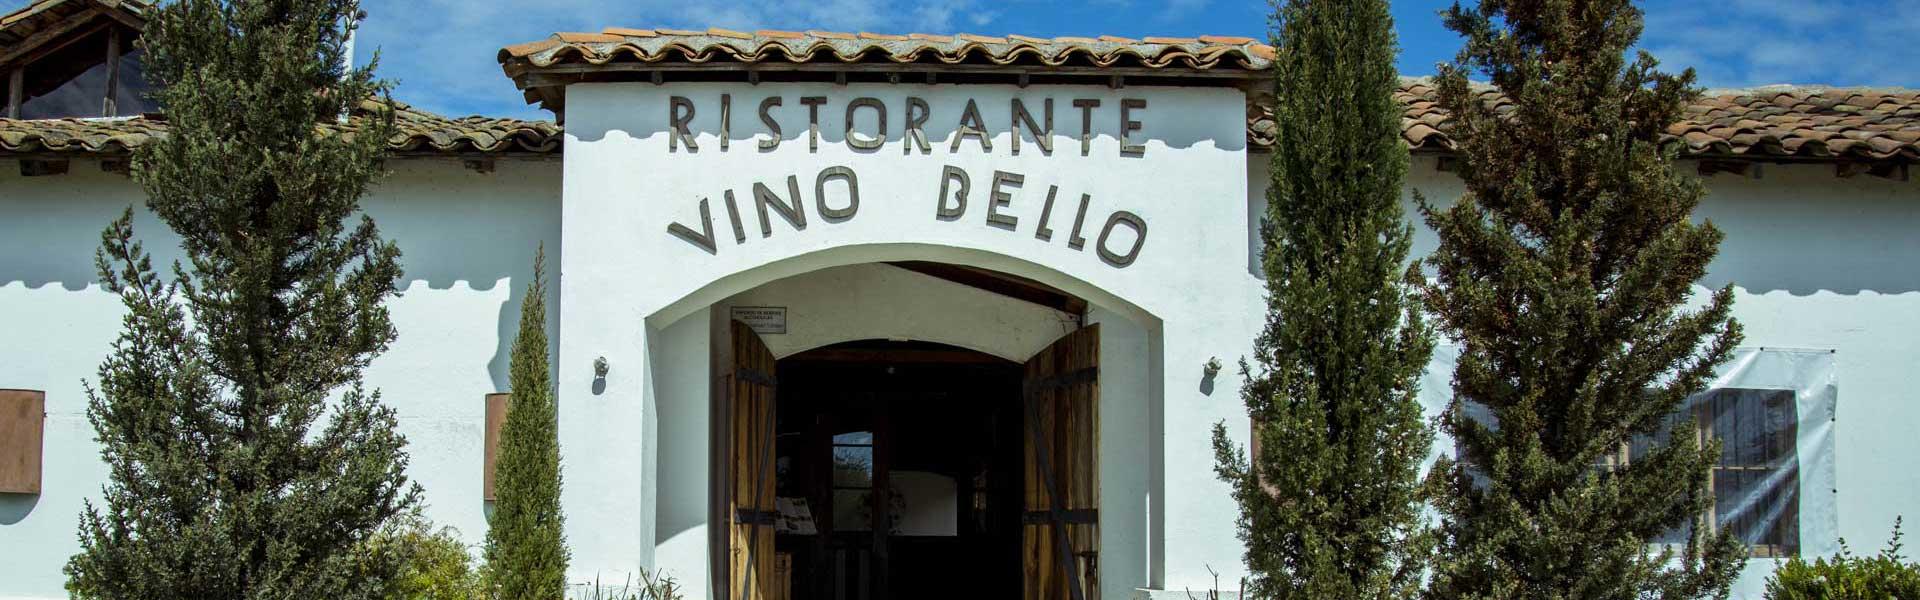 Ristorante Vino Bello Santa Cruz